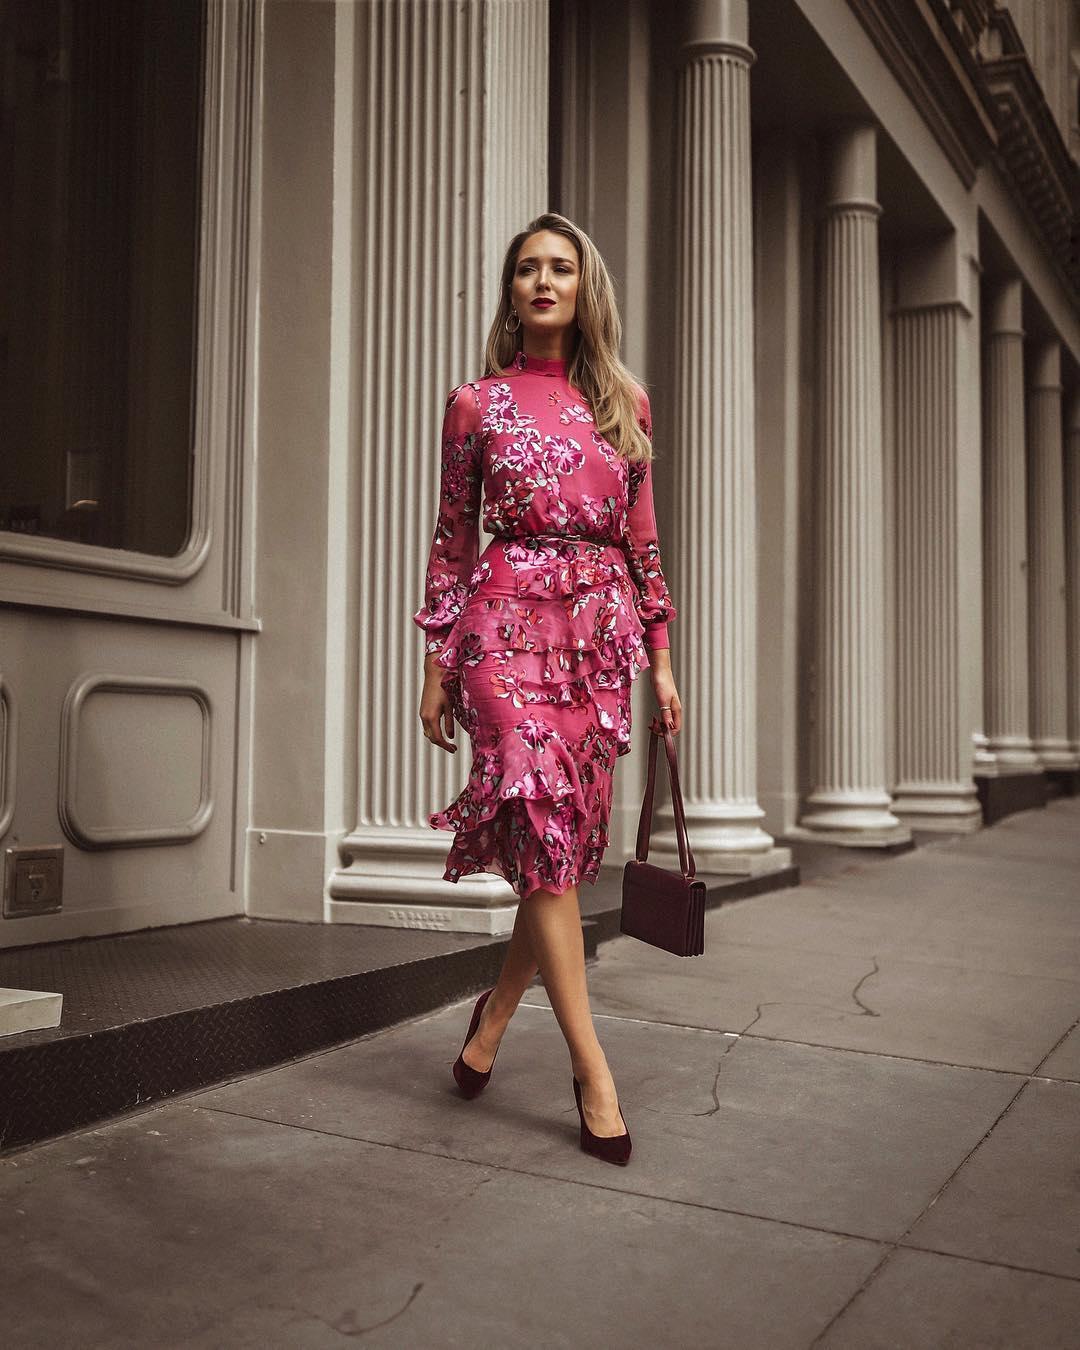 Модные весенние платья 2019 фото_6